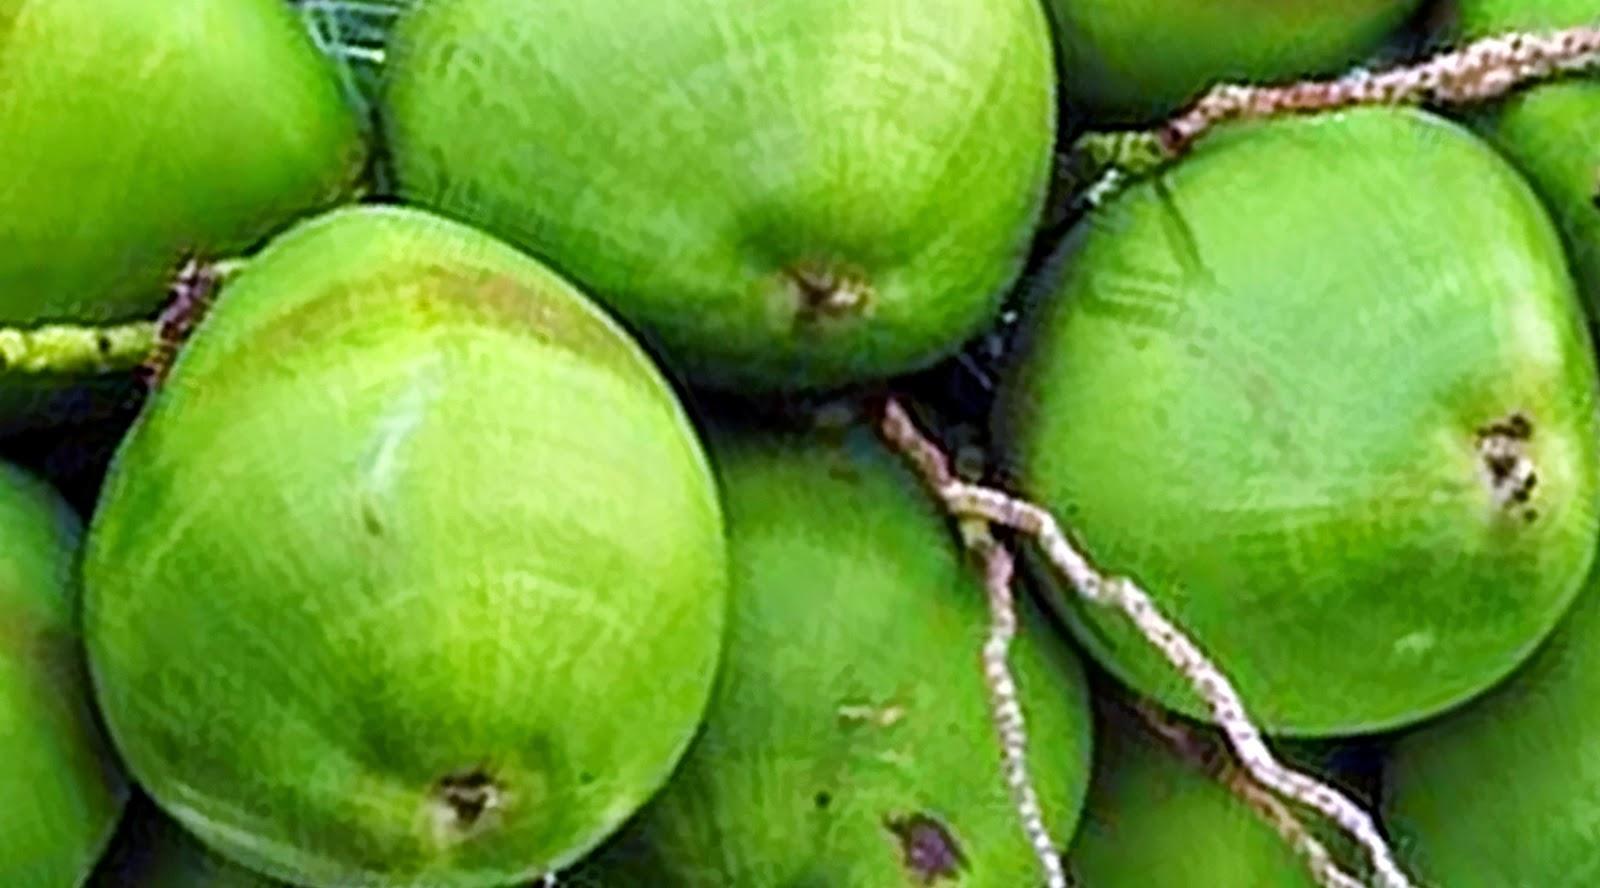 Manfaat Sehat Buah Kelapa yang Perlu untuk Diketahui